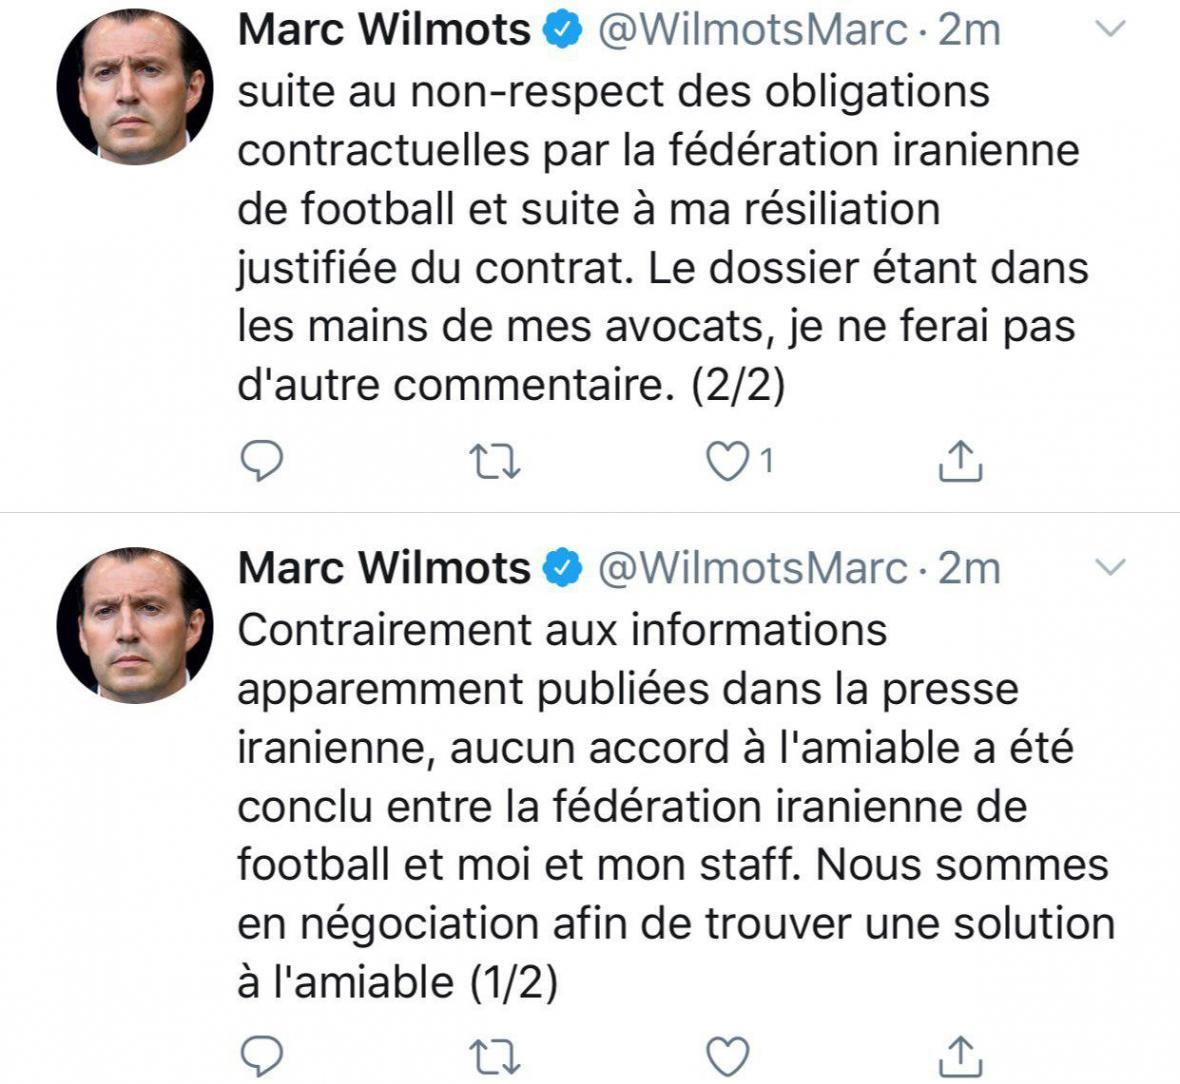 ویلموتس: هیچ توافق محبت آمیز ای میان من، دستیارانم و فدراسیون فوتبال ایران حاصل نشده است